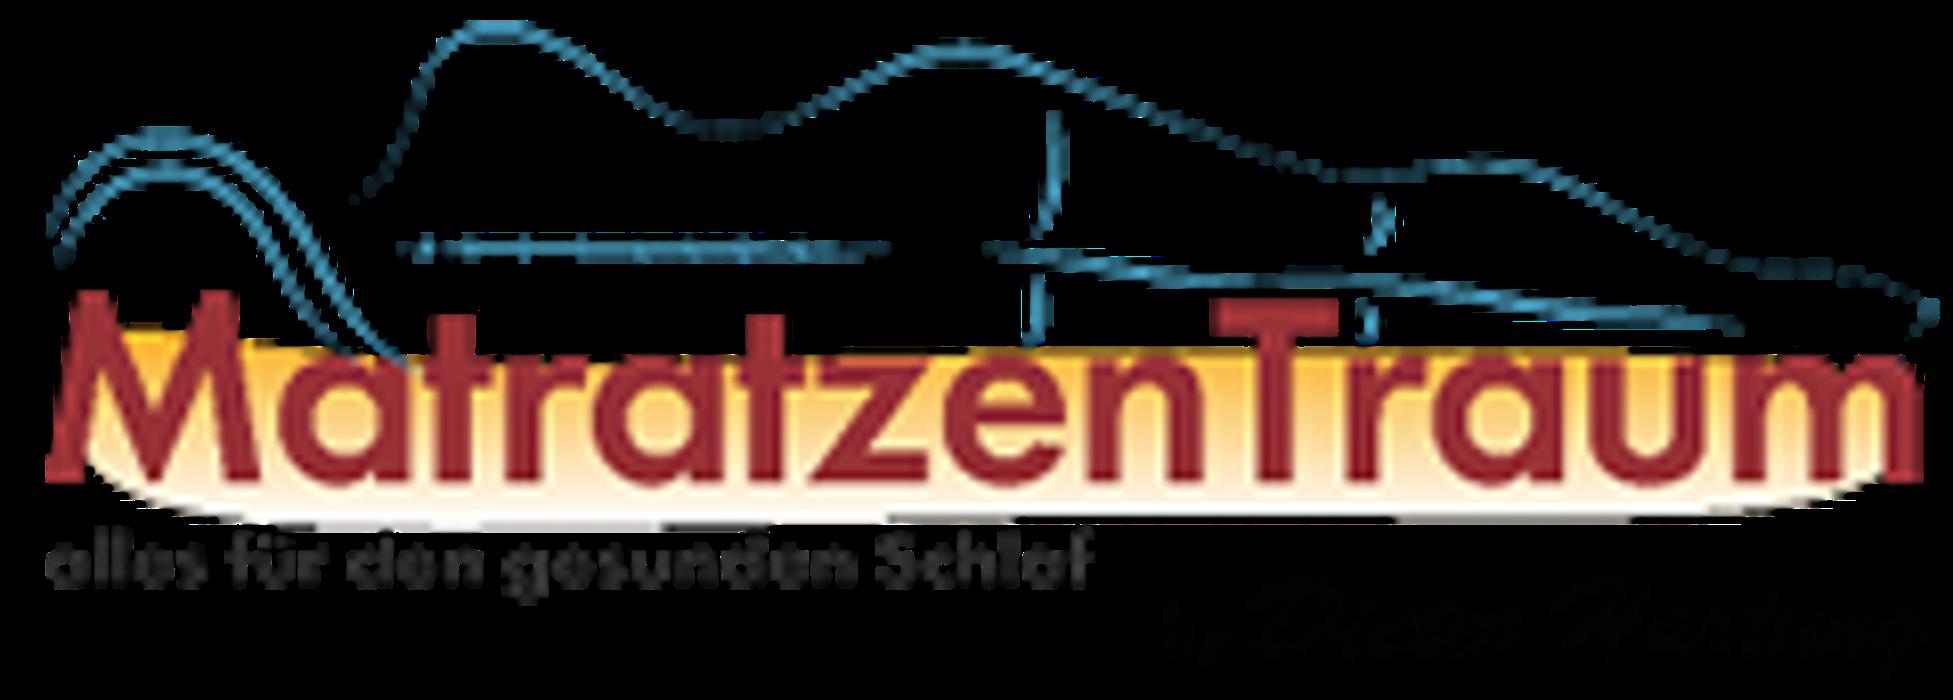 Bild zu Matratzentraum-Schlafsysteme Dieter Hartung in Pforzheim